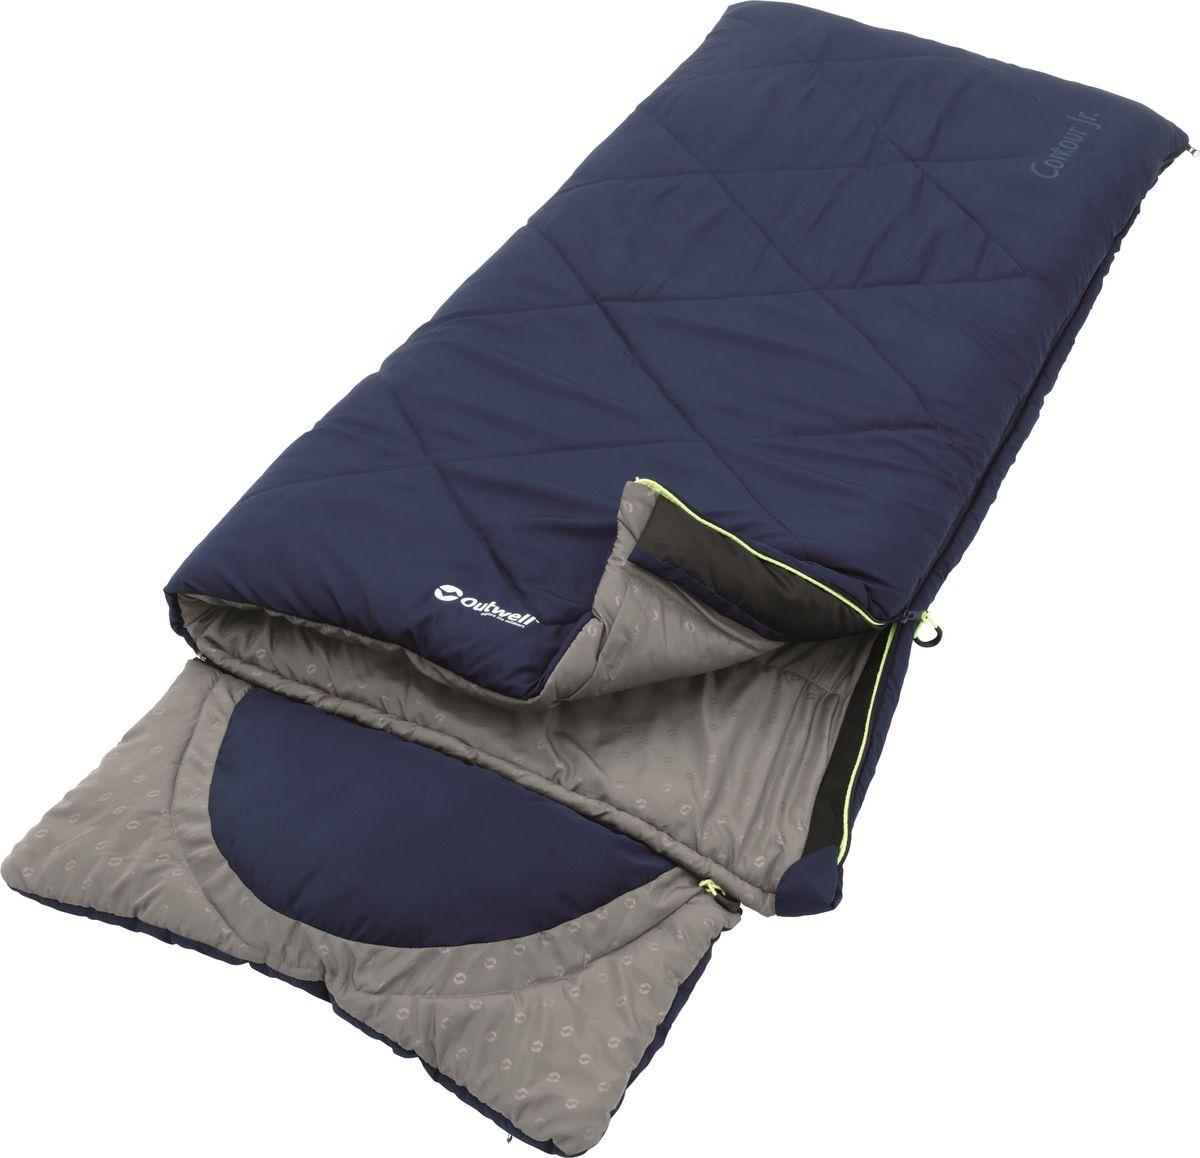 Спальный мешок Outwell Contour Junior Blue, цвет: синий, двусторонняя молния230149Практичные, удобные и простые в использовании, спальные мешки линии Contour Junior, идеальны для того, чтобы маленькие туристы наслаждались жизнью в палатке. Contour Junior - спальные мешки из микрофибры с двухслойным наполнителем Isofill, дополненные практичными деталями. Подходят для использования на природе и дома.